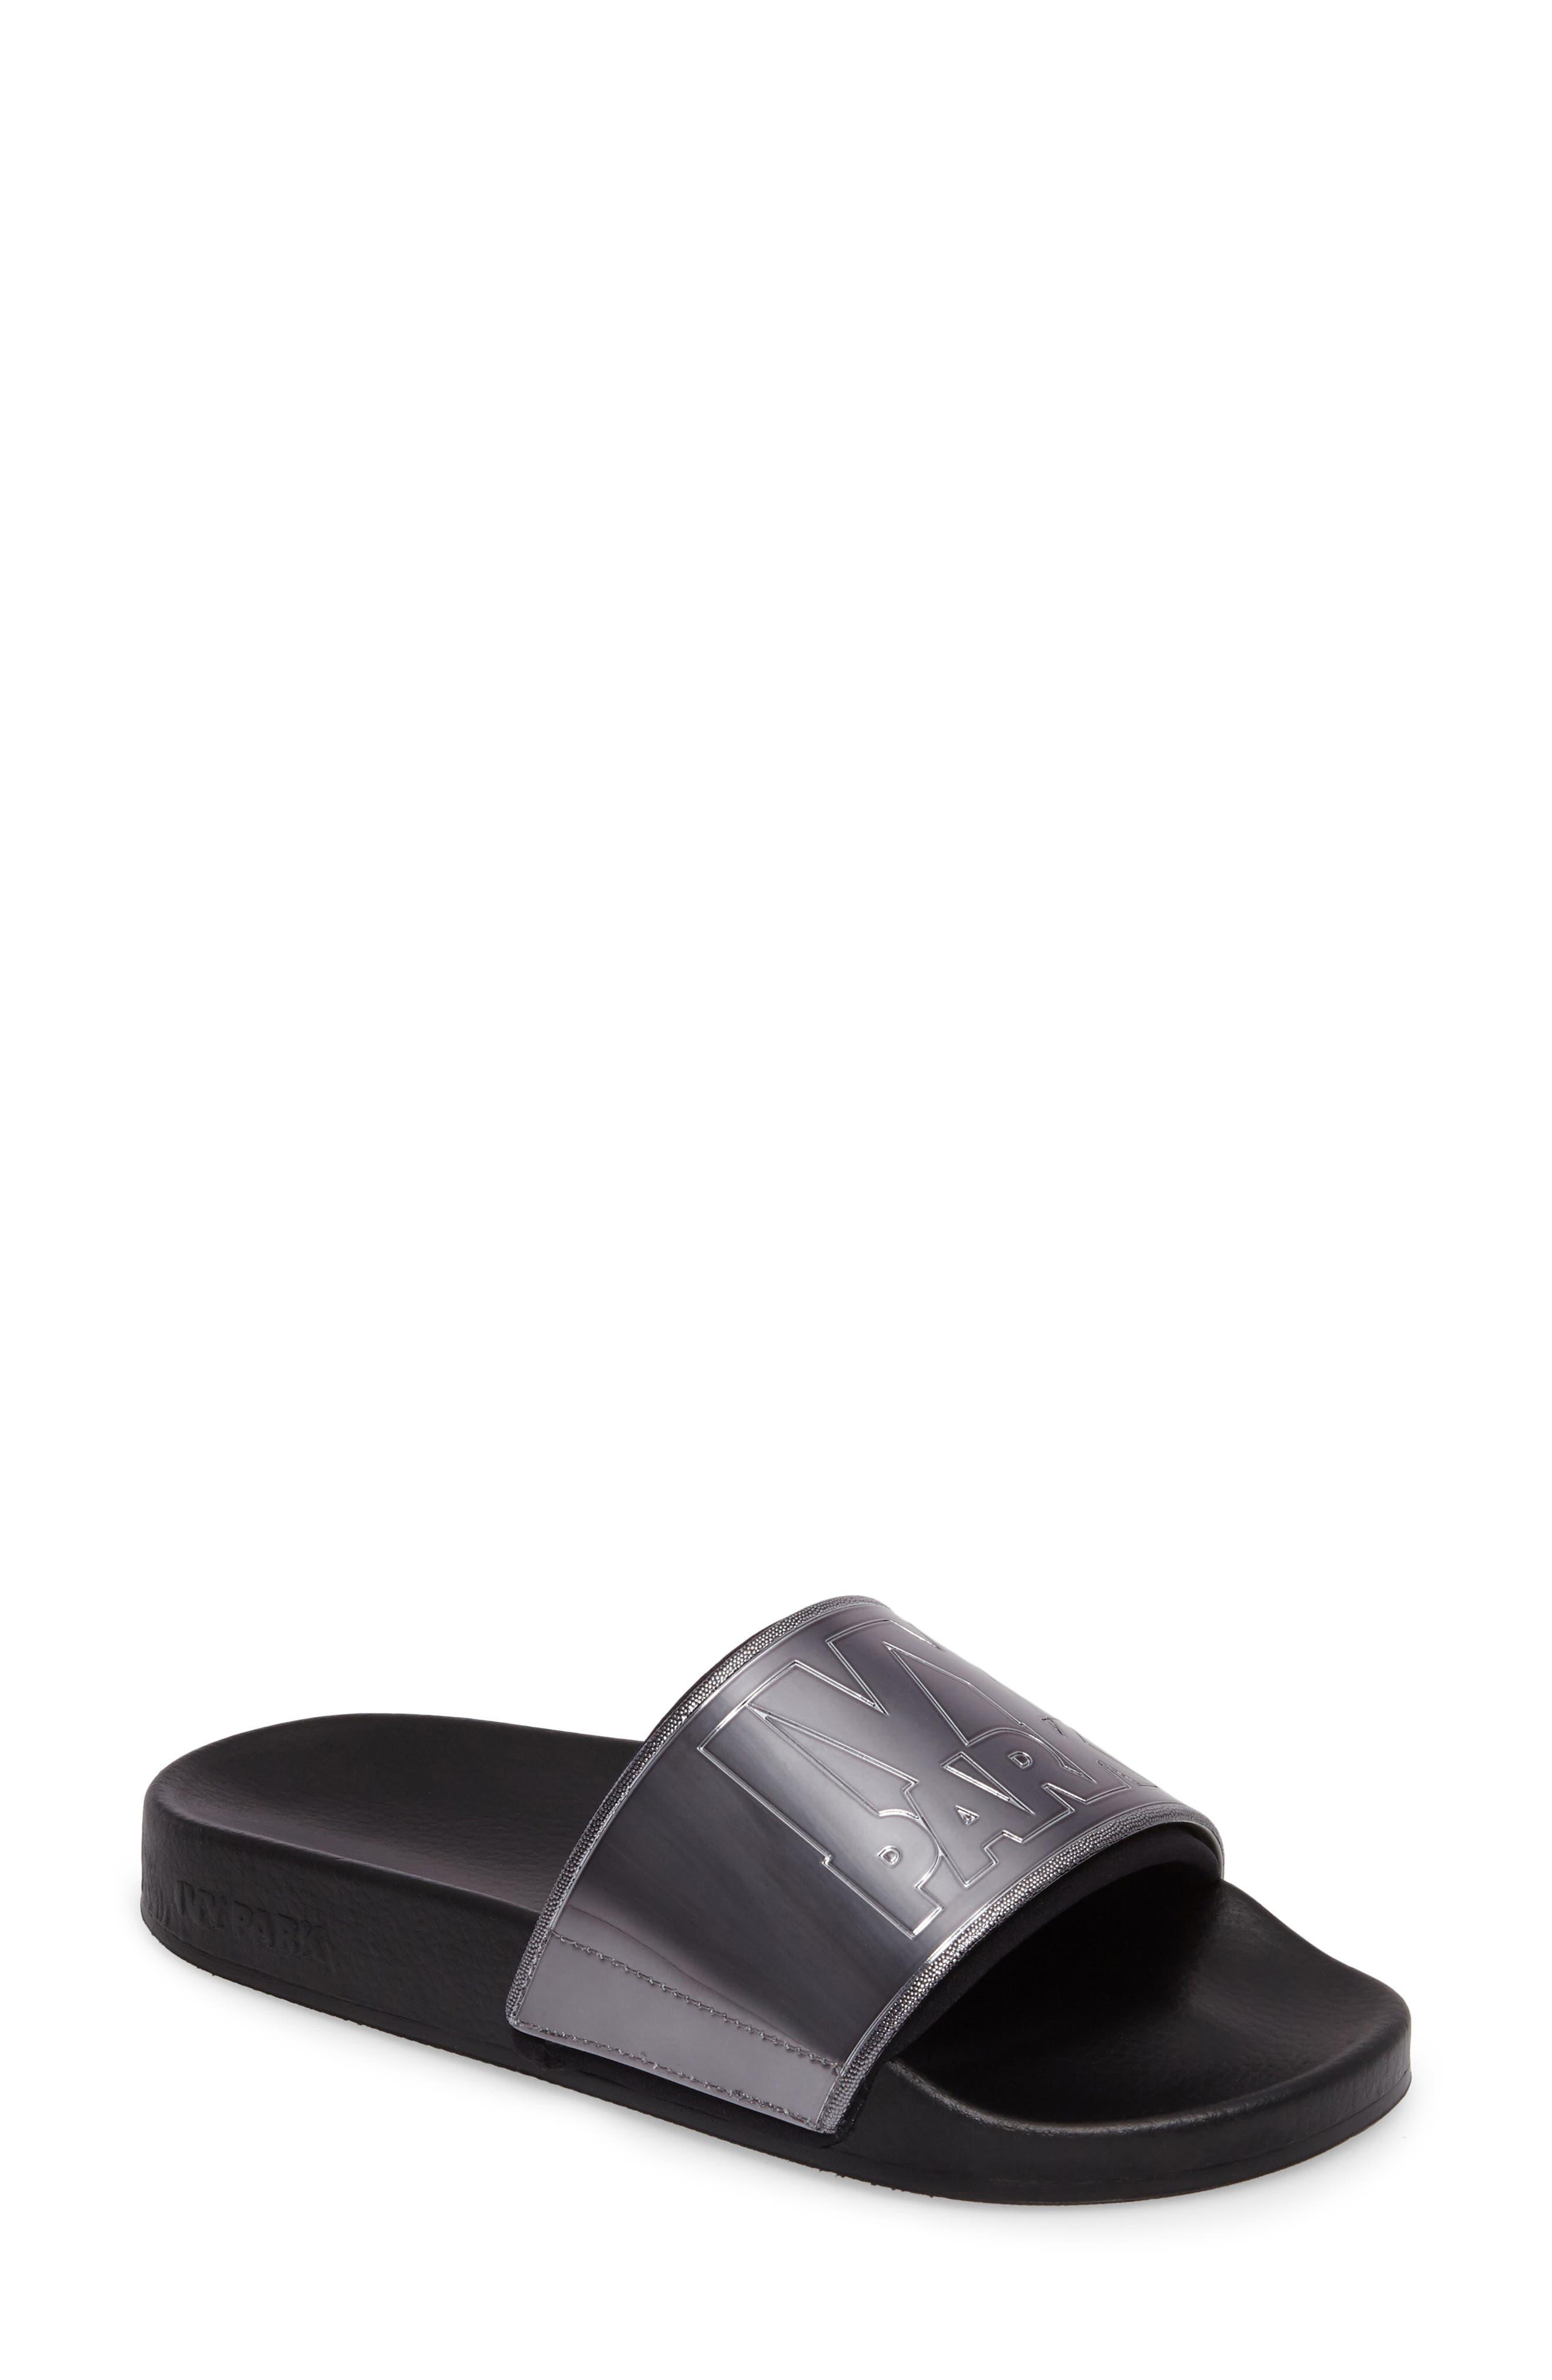 Alternate Image 1 Selected - IVY PARK® Neoprene Lined Logo Slide Sandal (Women)